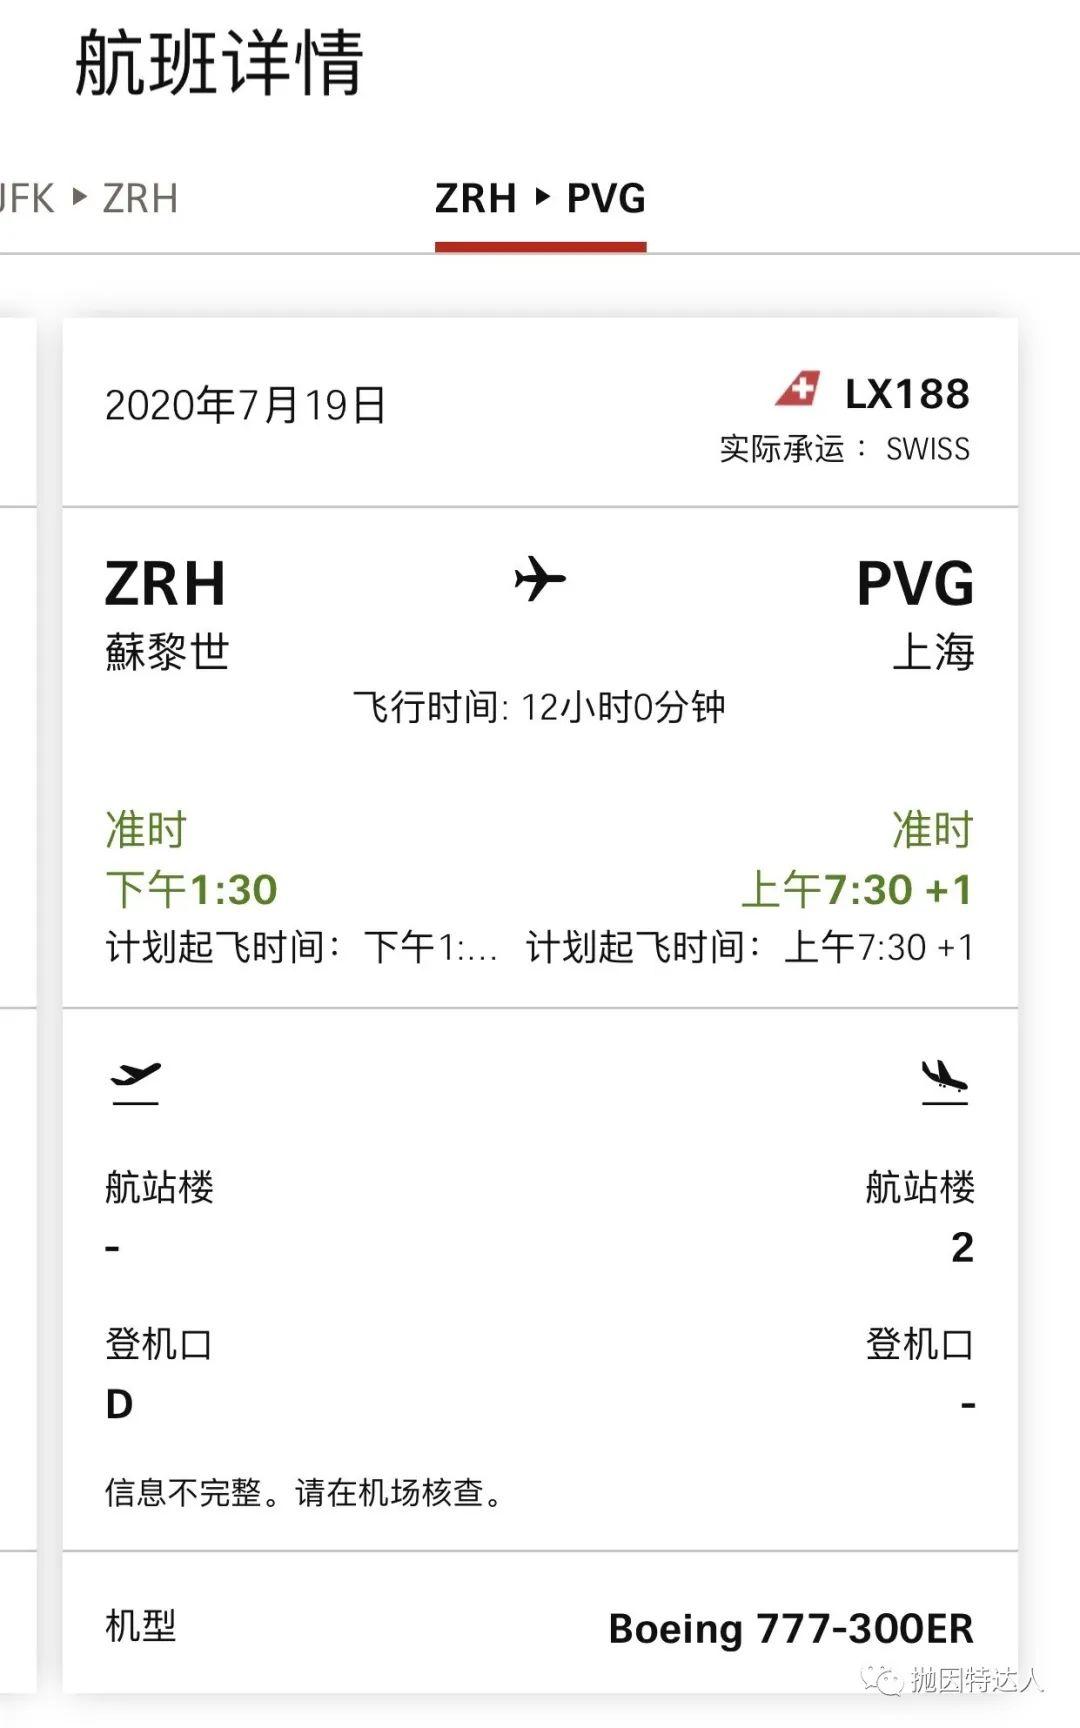 《瑞航 LX188(苏黎世 - 上海)复飞首航回顾 - 苏黎世转机回国实战攻略》